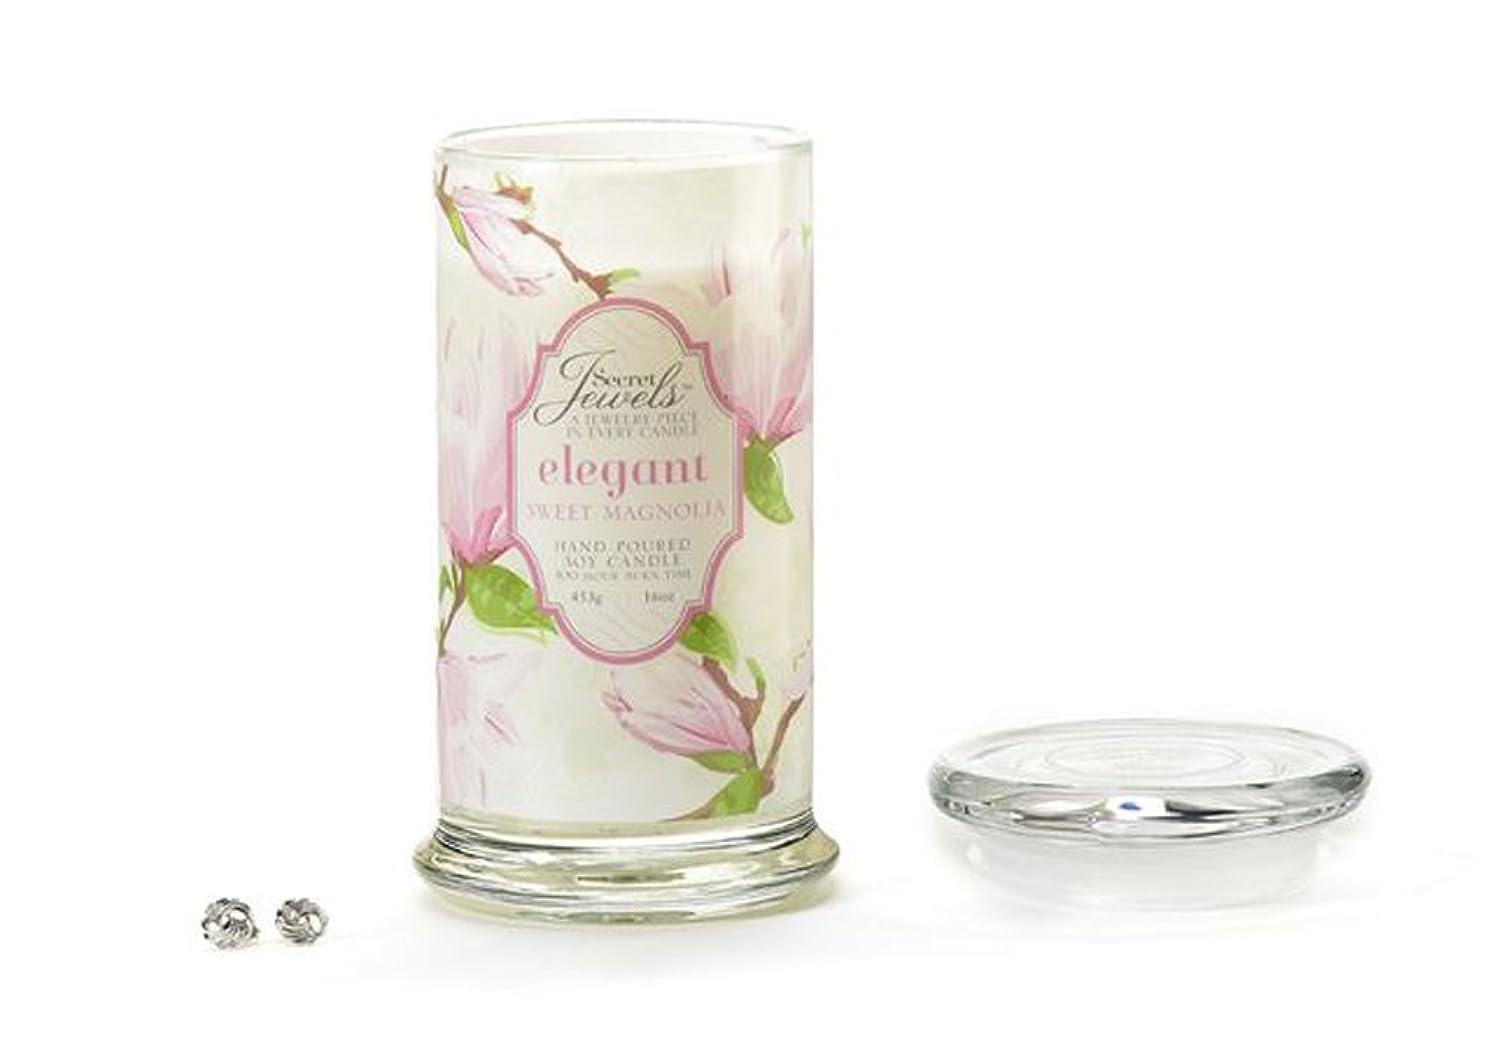 絶えず科学的薄汚い(Magnolia) - Secret Jewels Scented Candles (Magnolia)